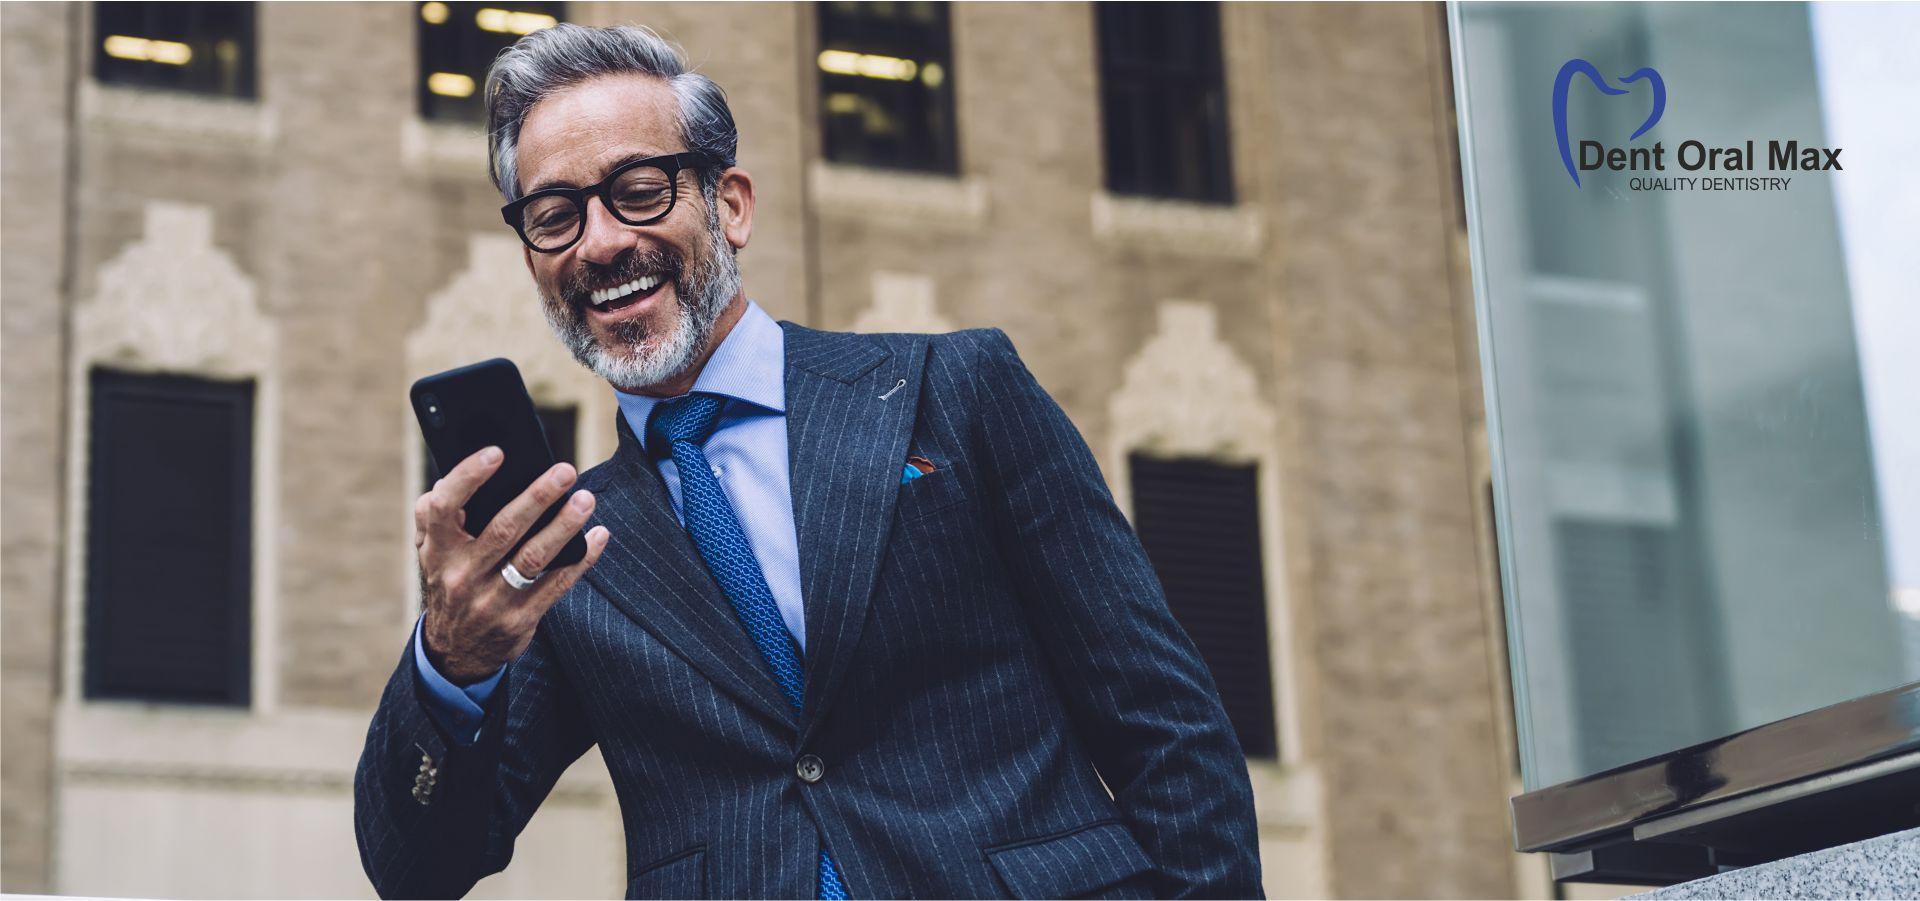 Cariile dentare și omul de succes